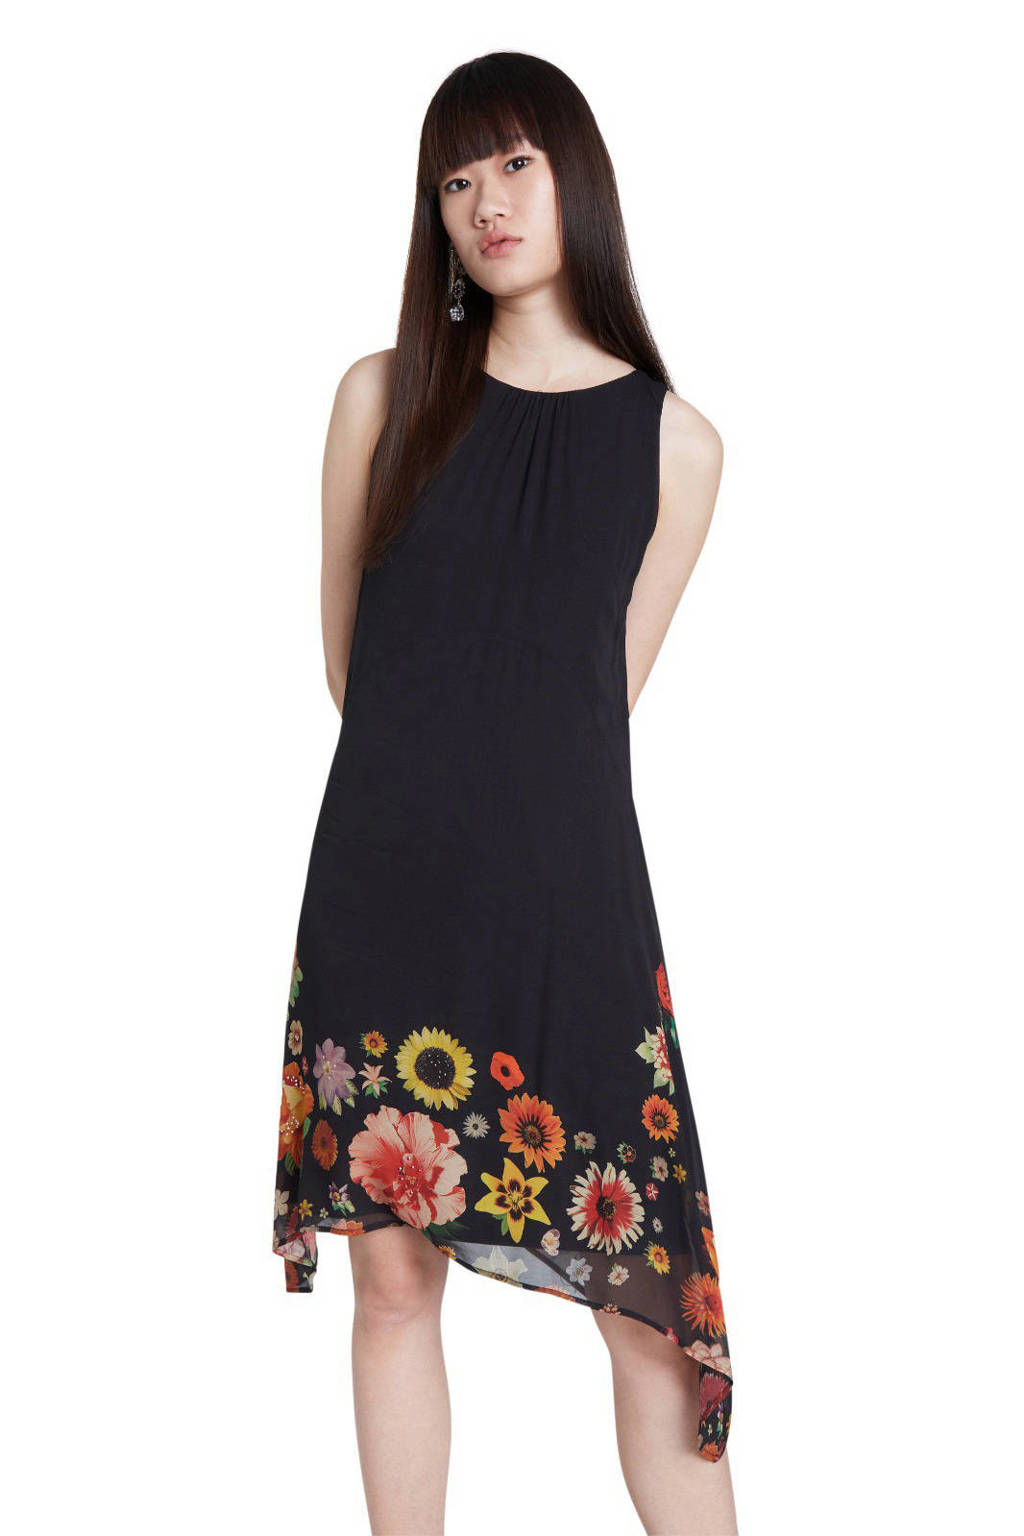 Desigual gebloemde jurk zwart/rood/geel, Zwart/rood/geel